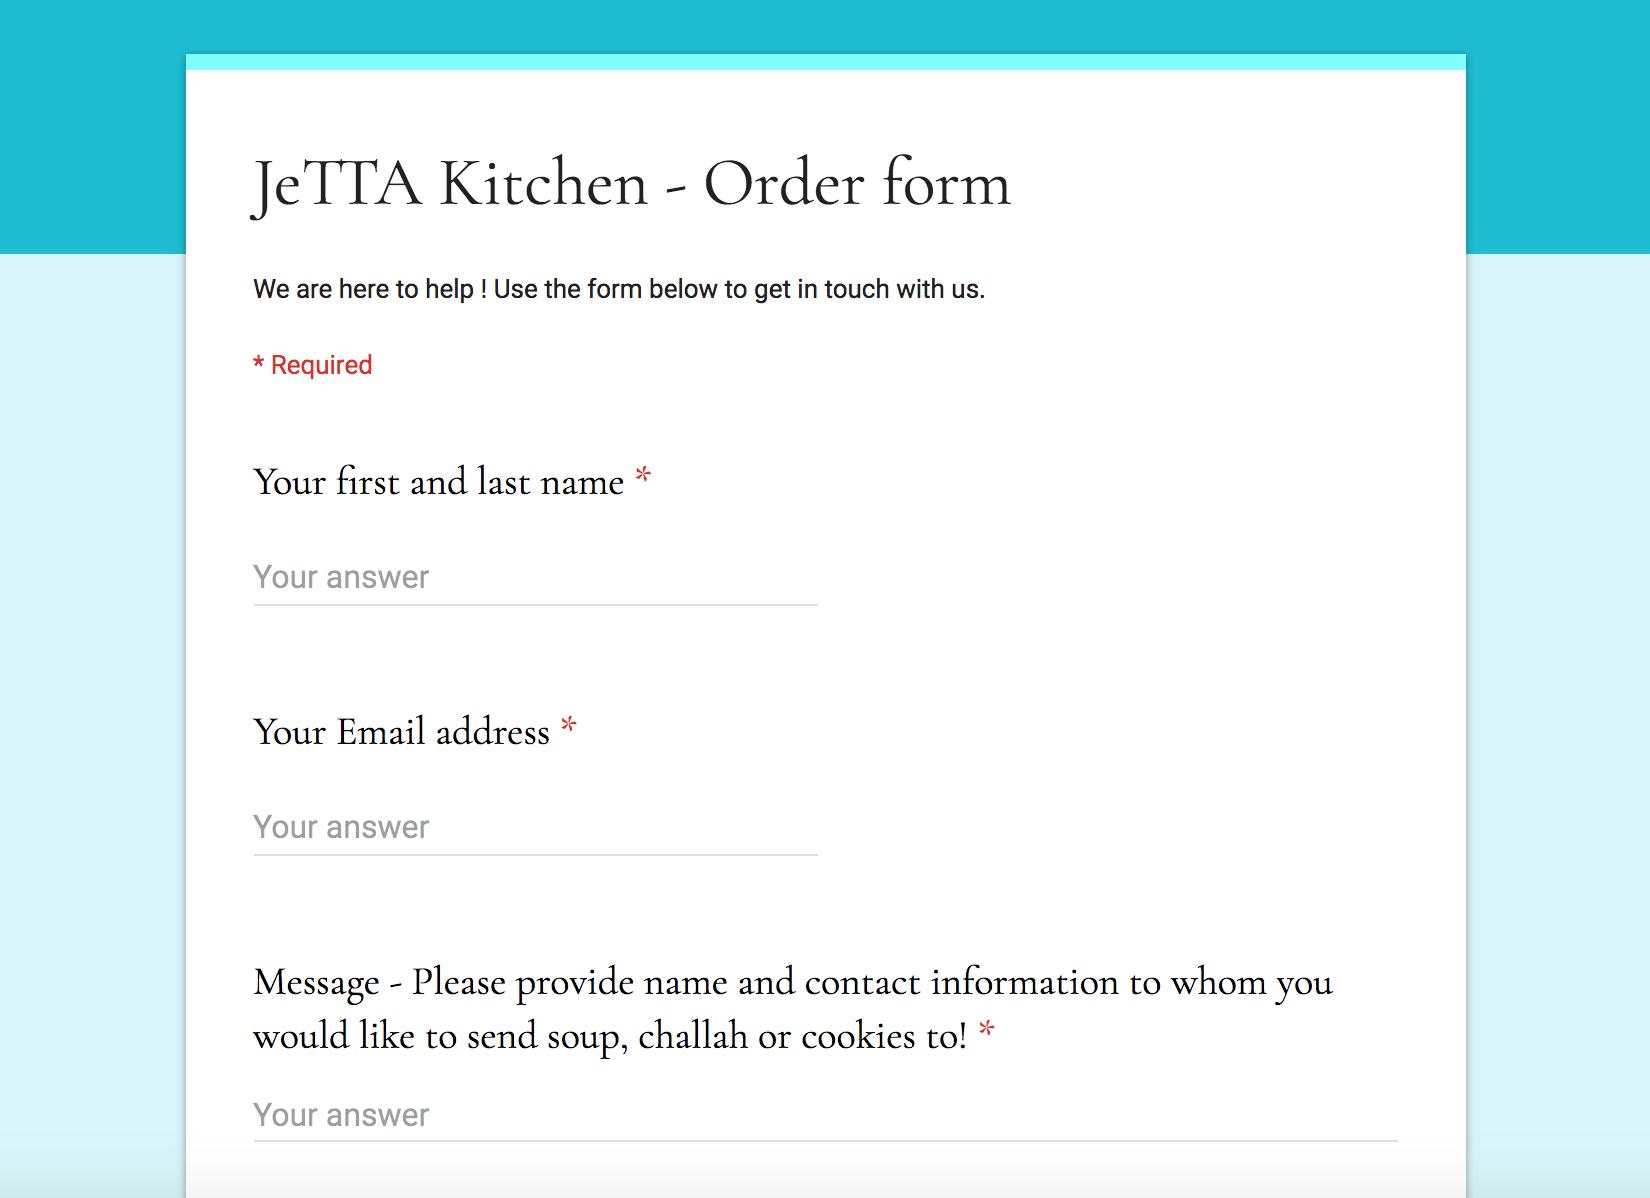 Jetta Kitchen